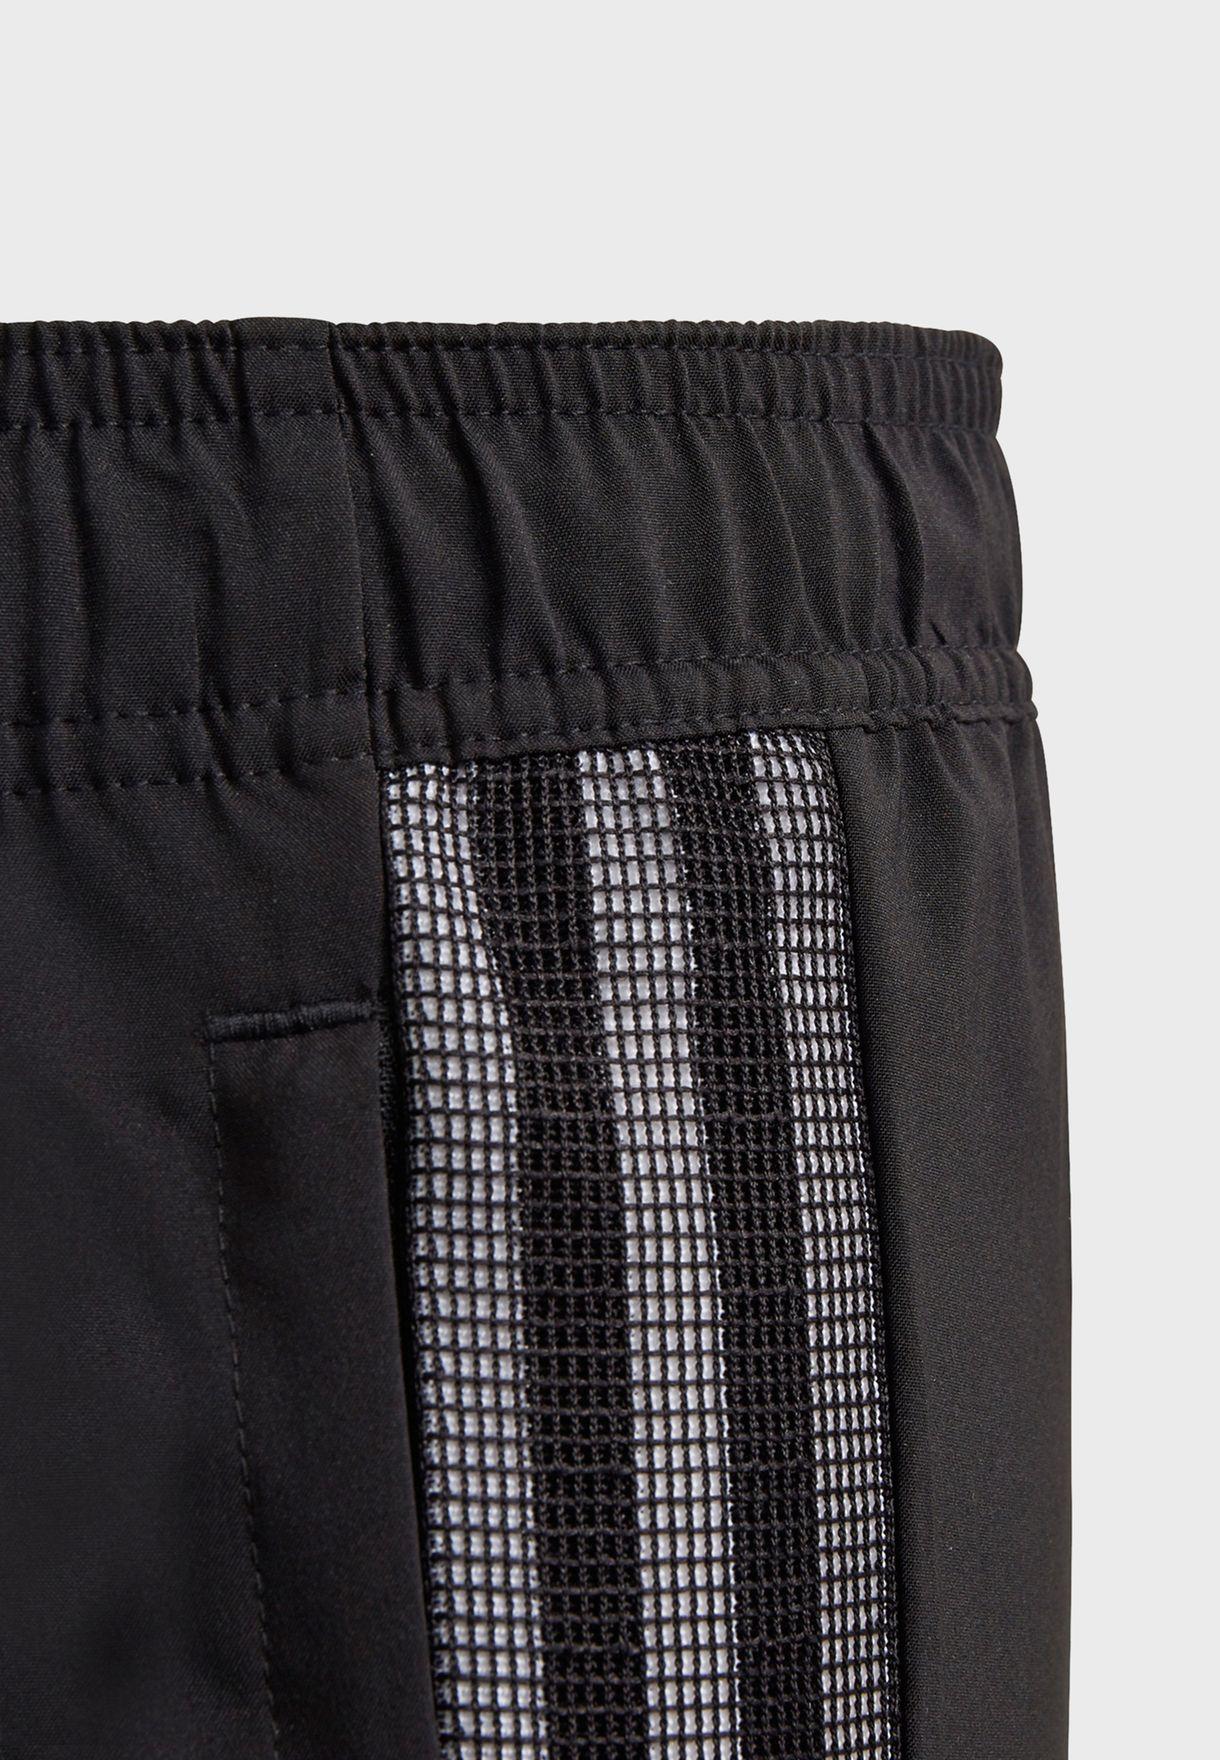 Youth Tiro 21 Woven Sweatpants